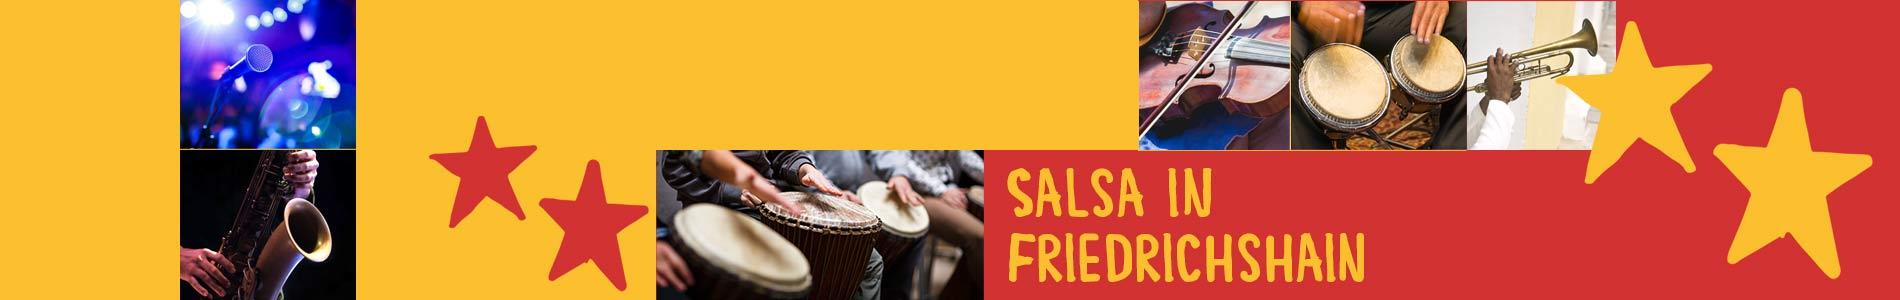 Salsa in Friedrichshain – Salsa lernen und tanzen, Tanzkurse, Partys, Veranstaltungen